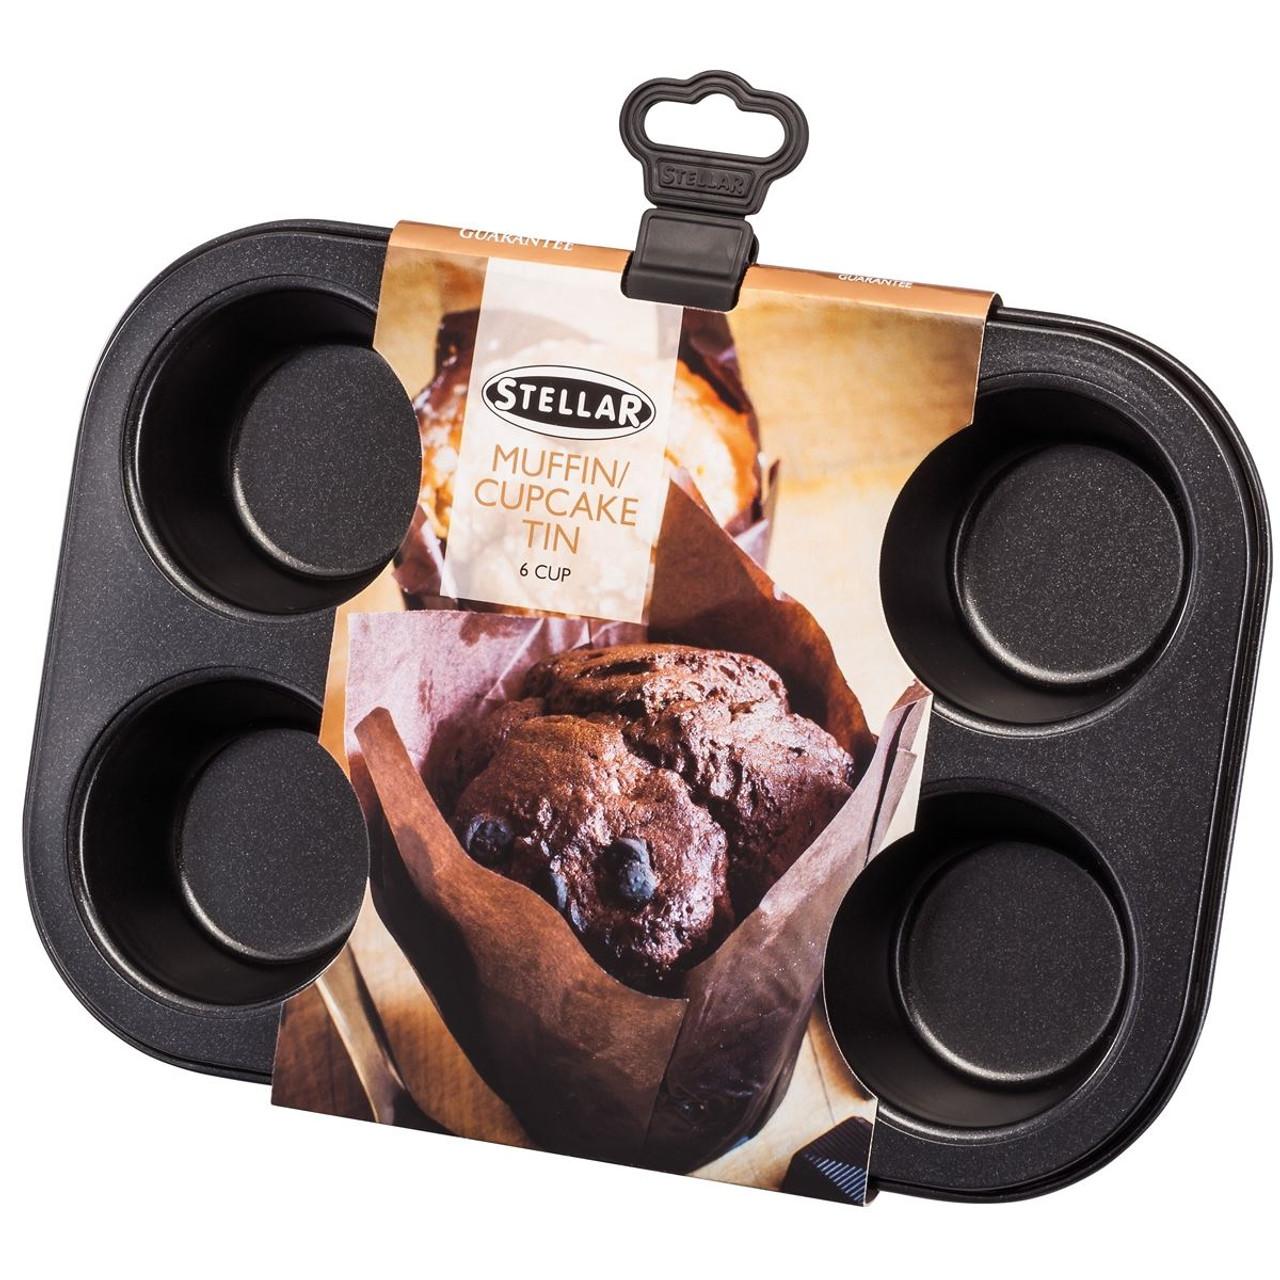 Stellar Muffin / Cupcake Tin